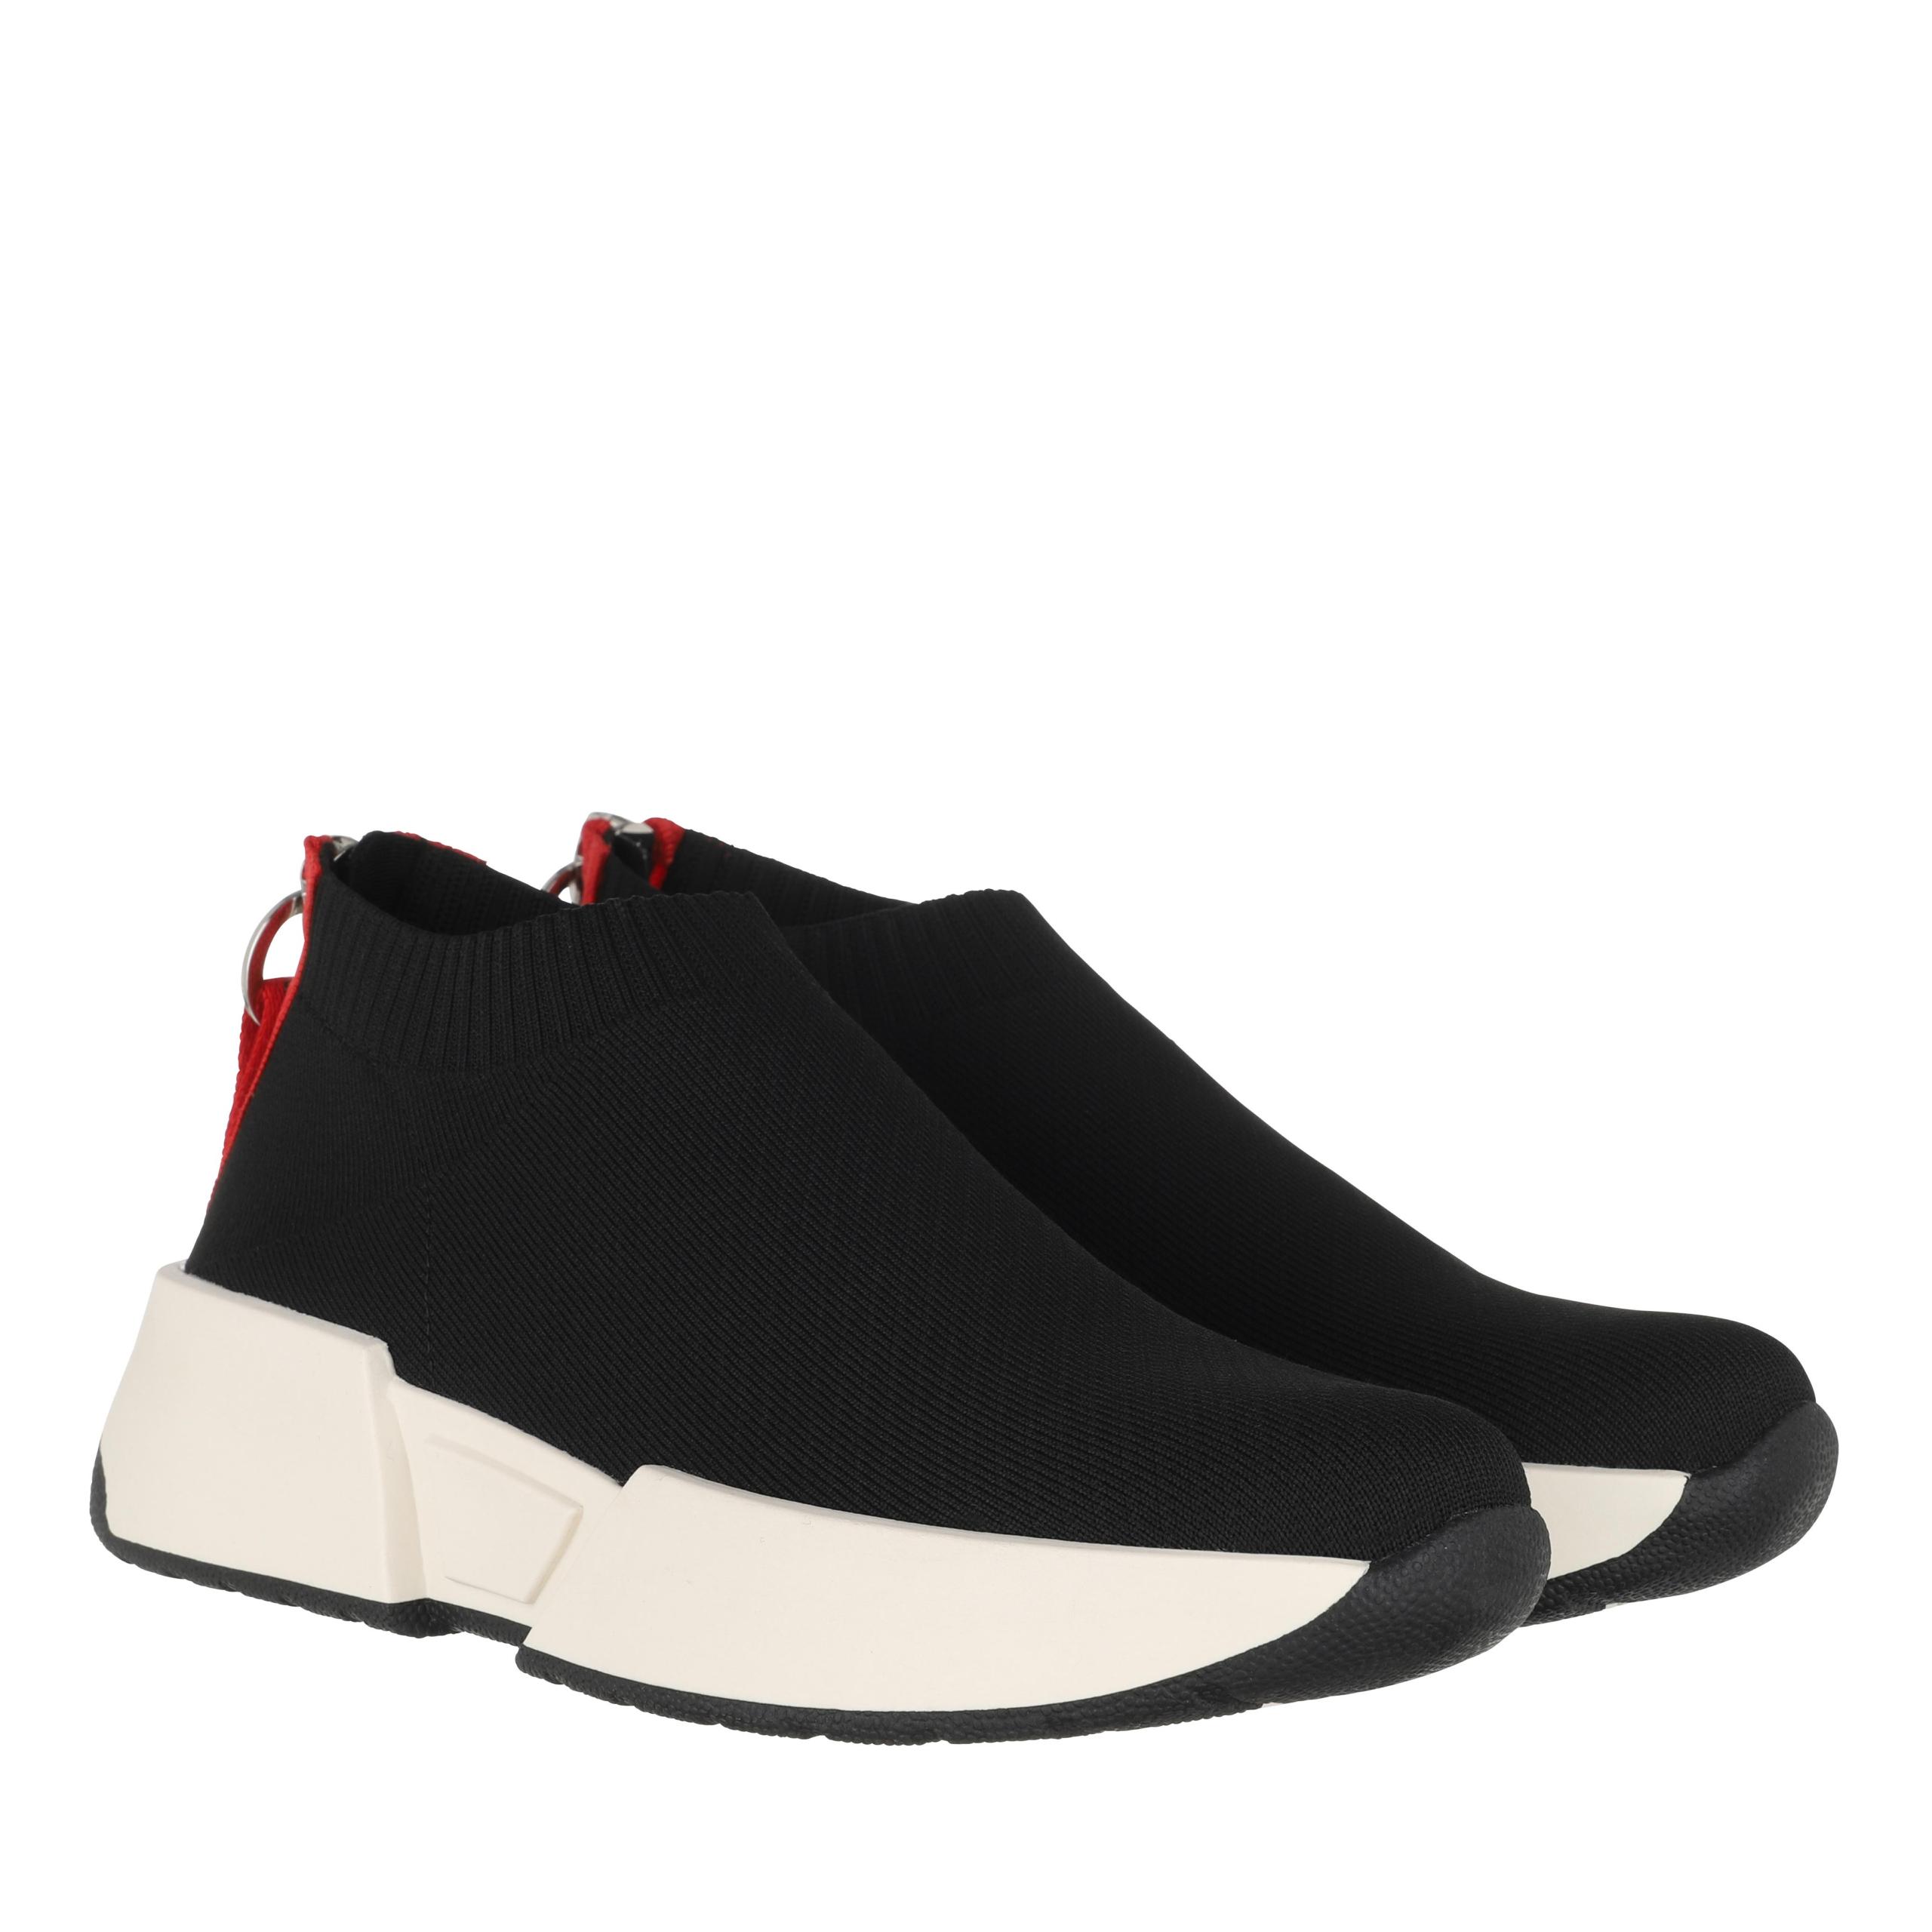 DKNY Sneakers - Marcel Slip On Sneaker Black - in schwarz - für Damen